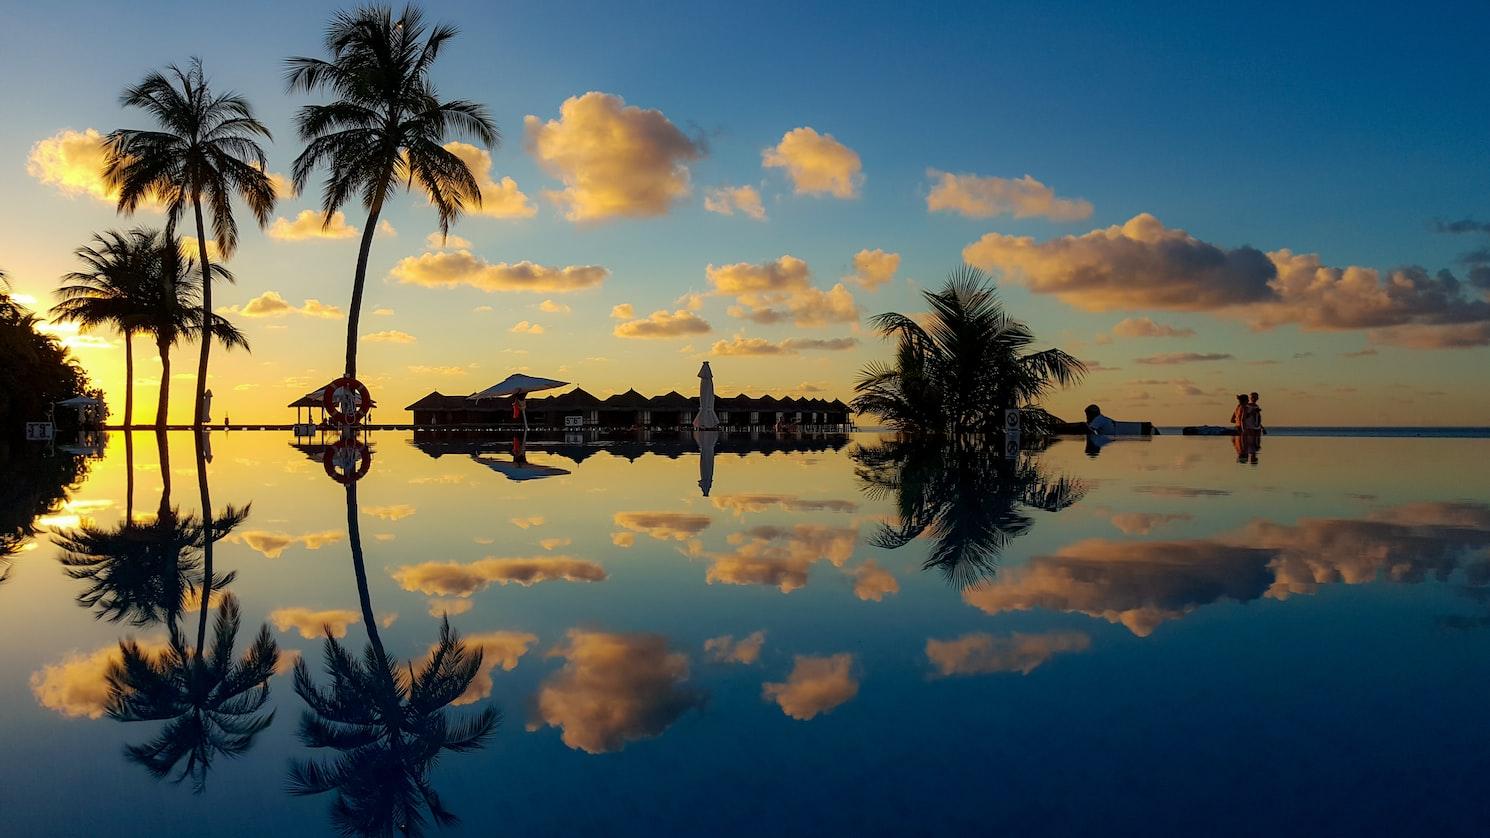 全球首創!馬爾地夫啟動「旅客積分計畫」 200座島玩越多送越多